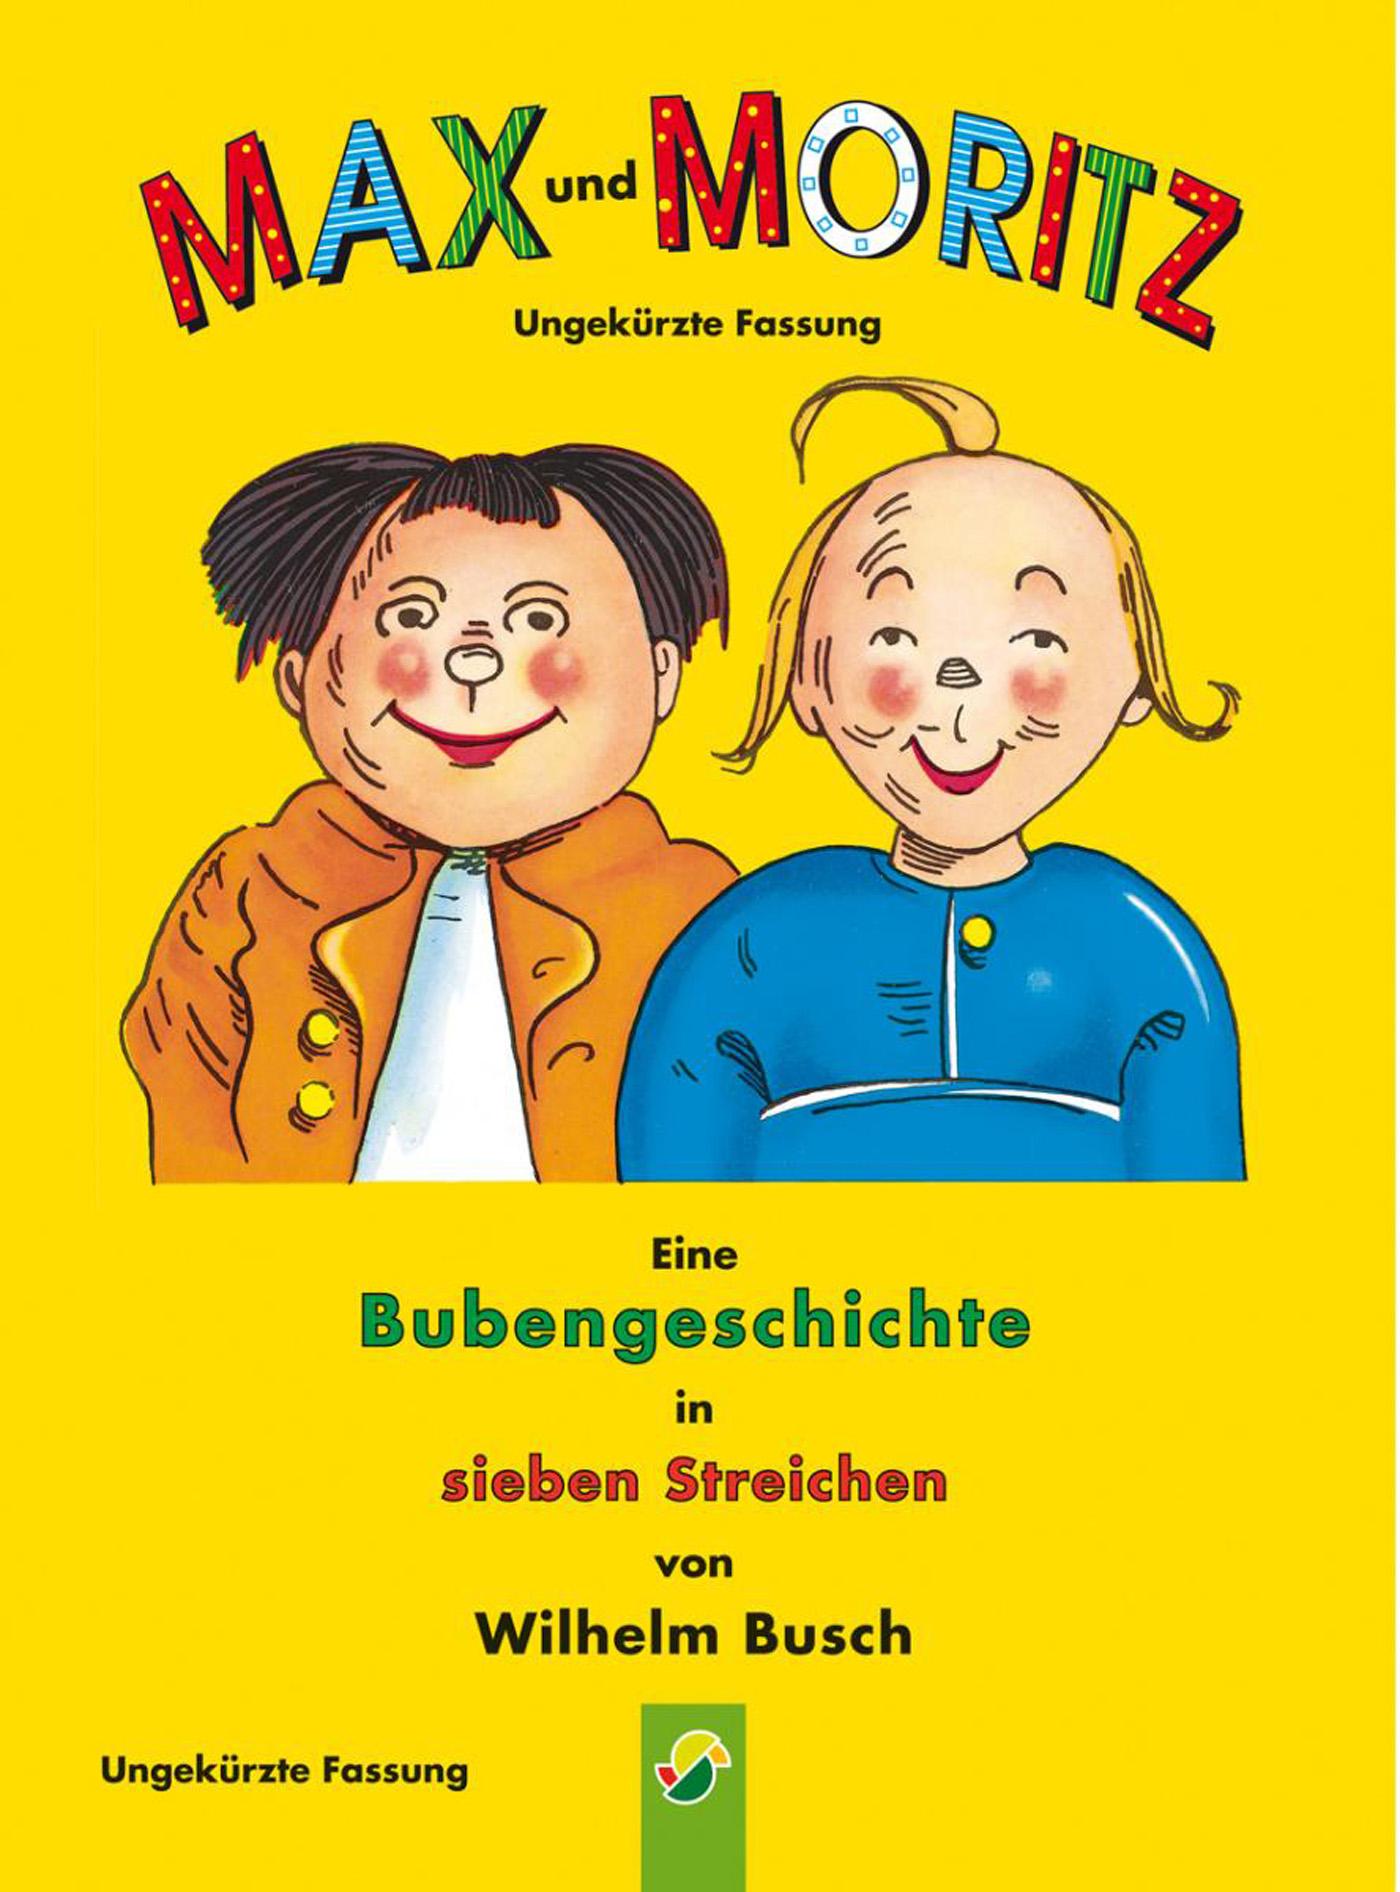 Вильгельм Буш Max und Moritz - ungekürzte Fassung moritz merker die masai